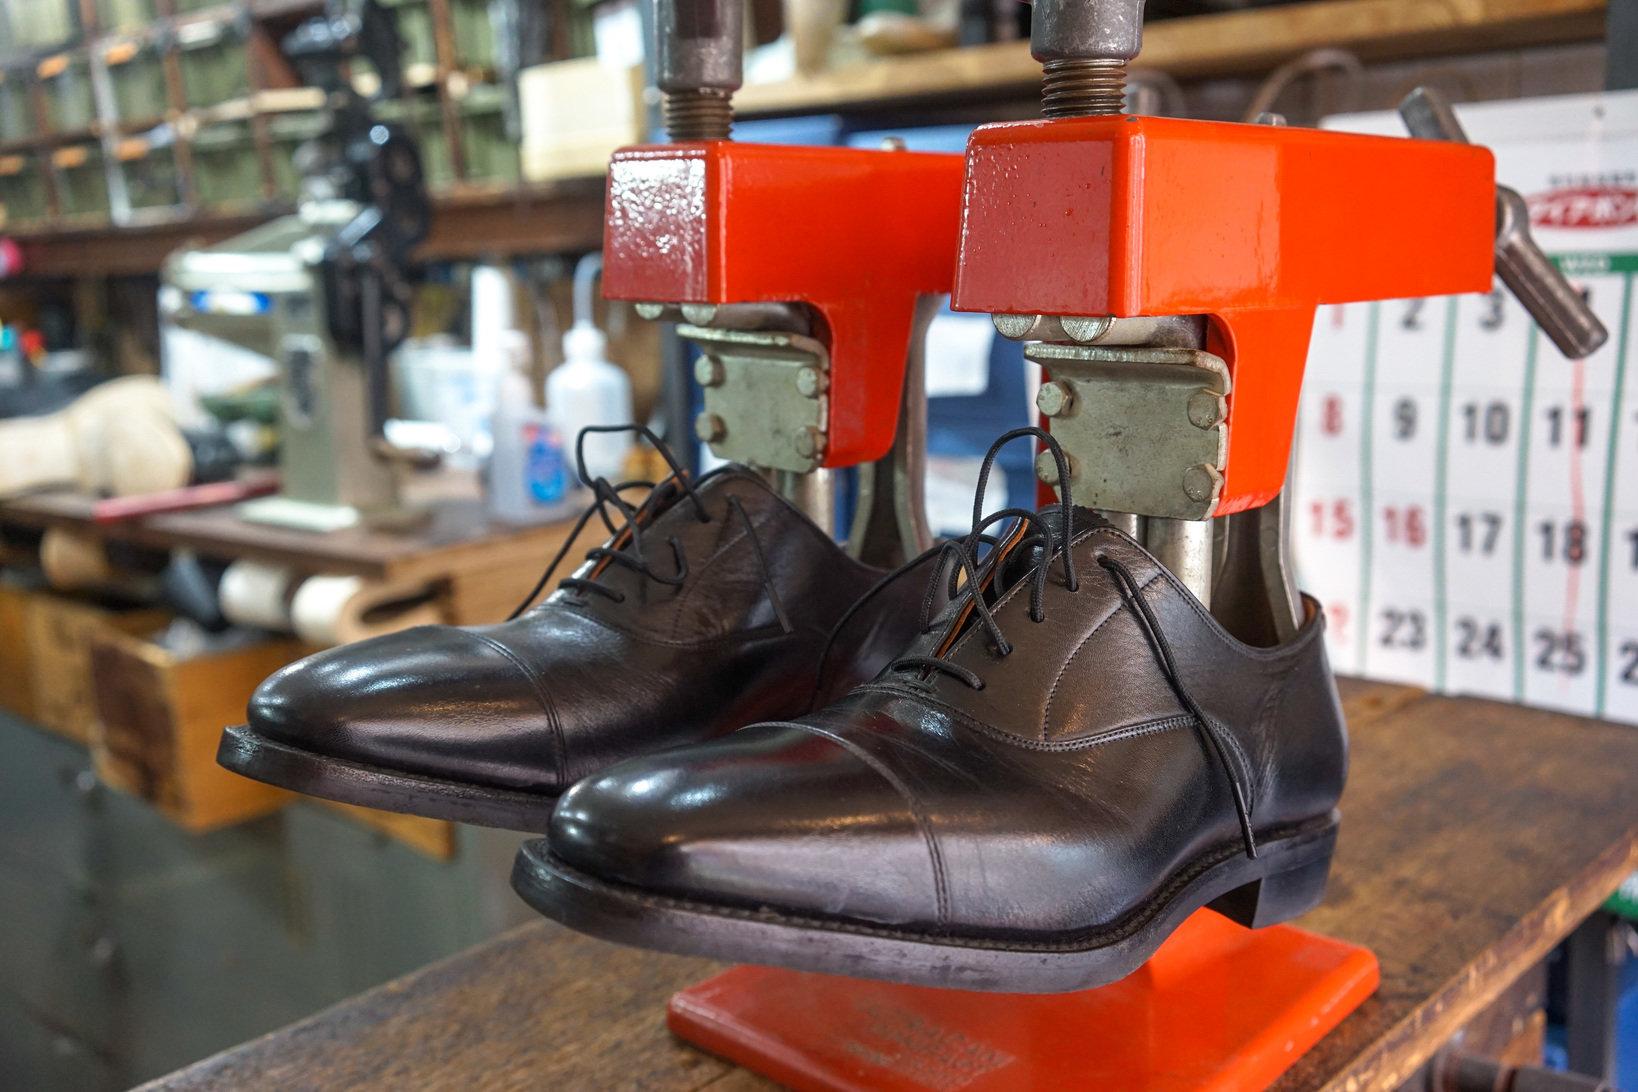 Shoes box尾山台店で使用しているストレッチャー。時間をかけてのばしていく。